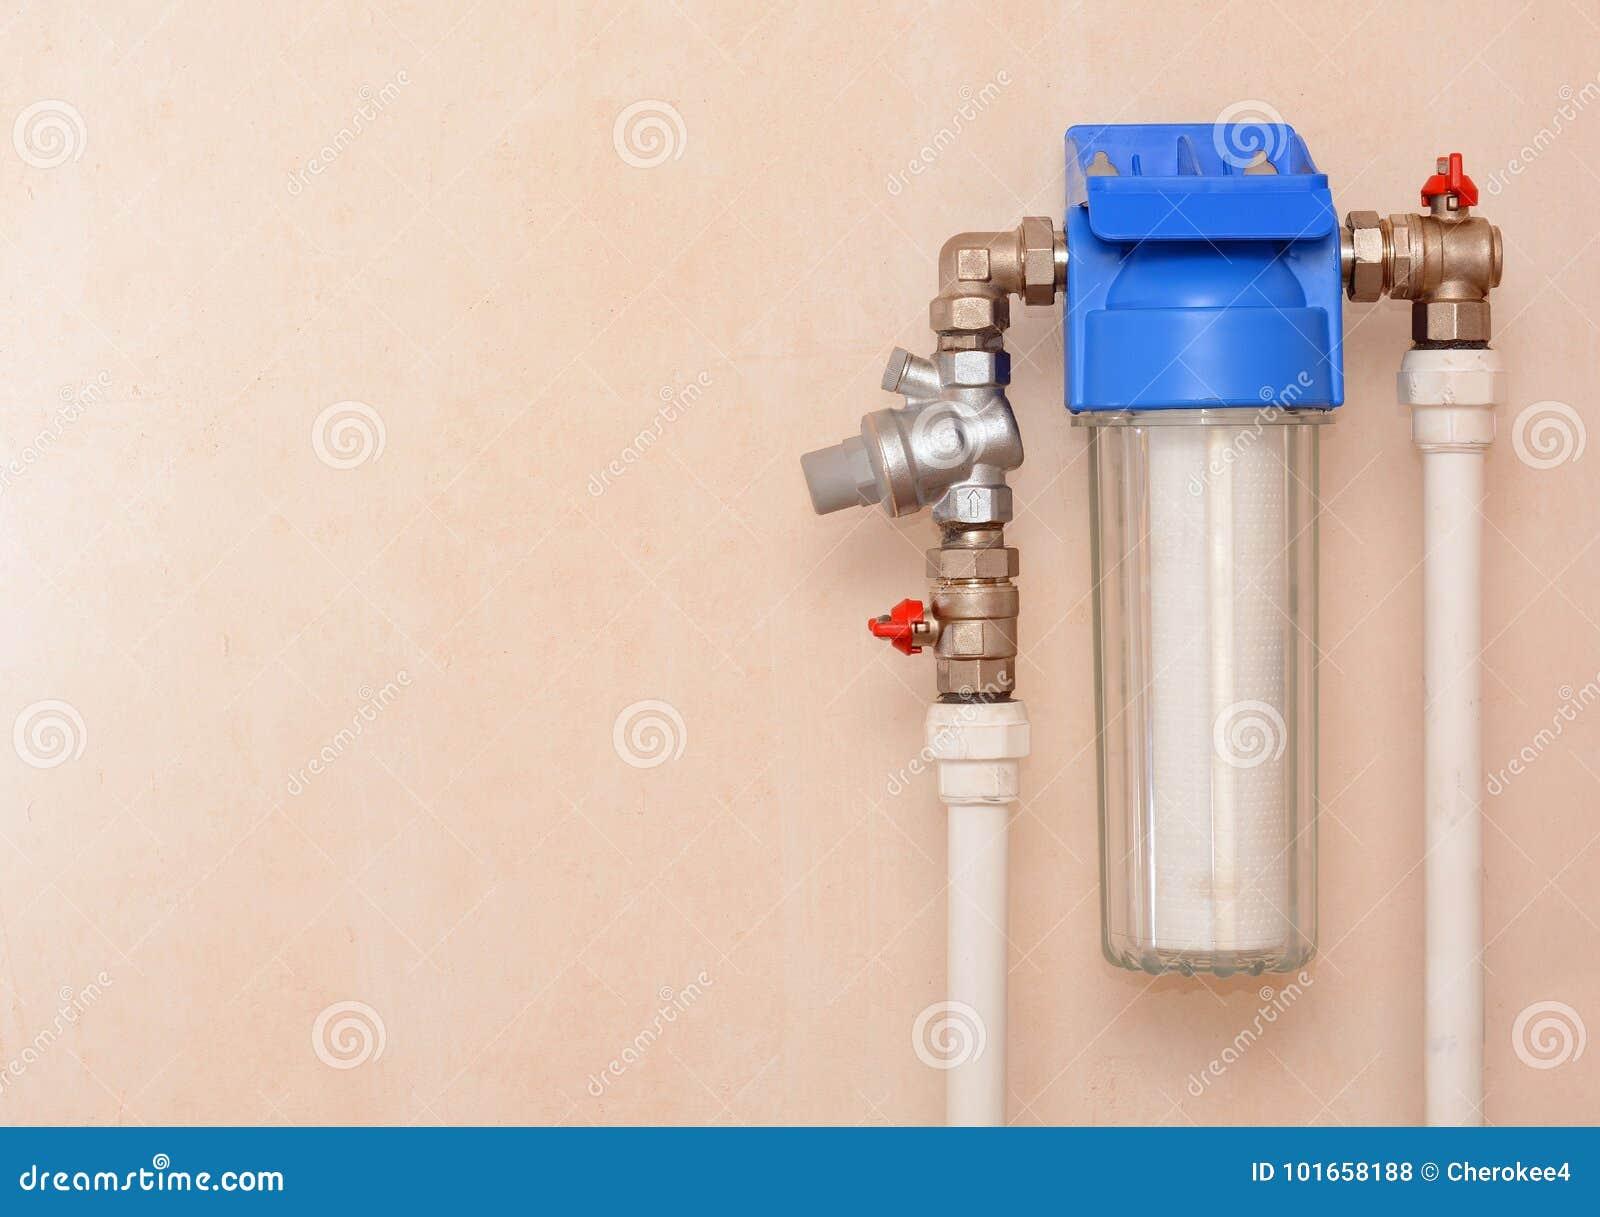 W superbly Filtrowy System Dla Uzdatnianie Wody Instalacja Reduktor I Wodny NE52